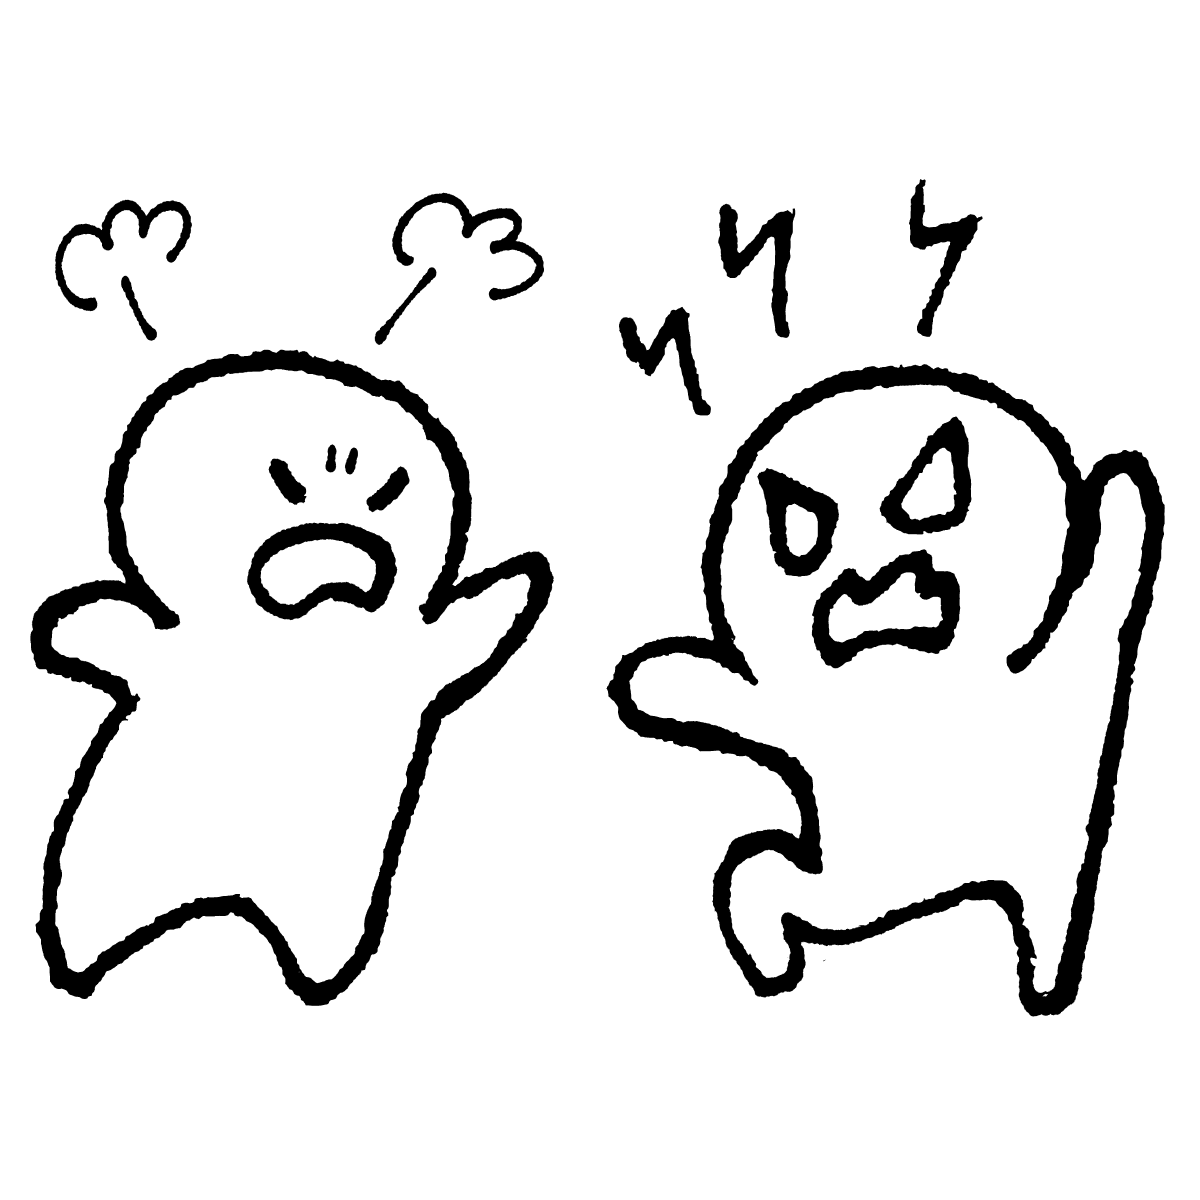 いがみ合うのイラスト / Quarrel Illustration